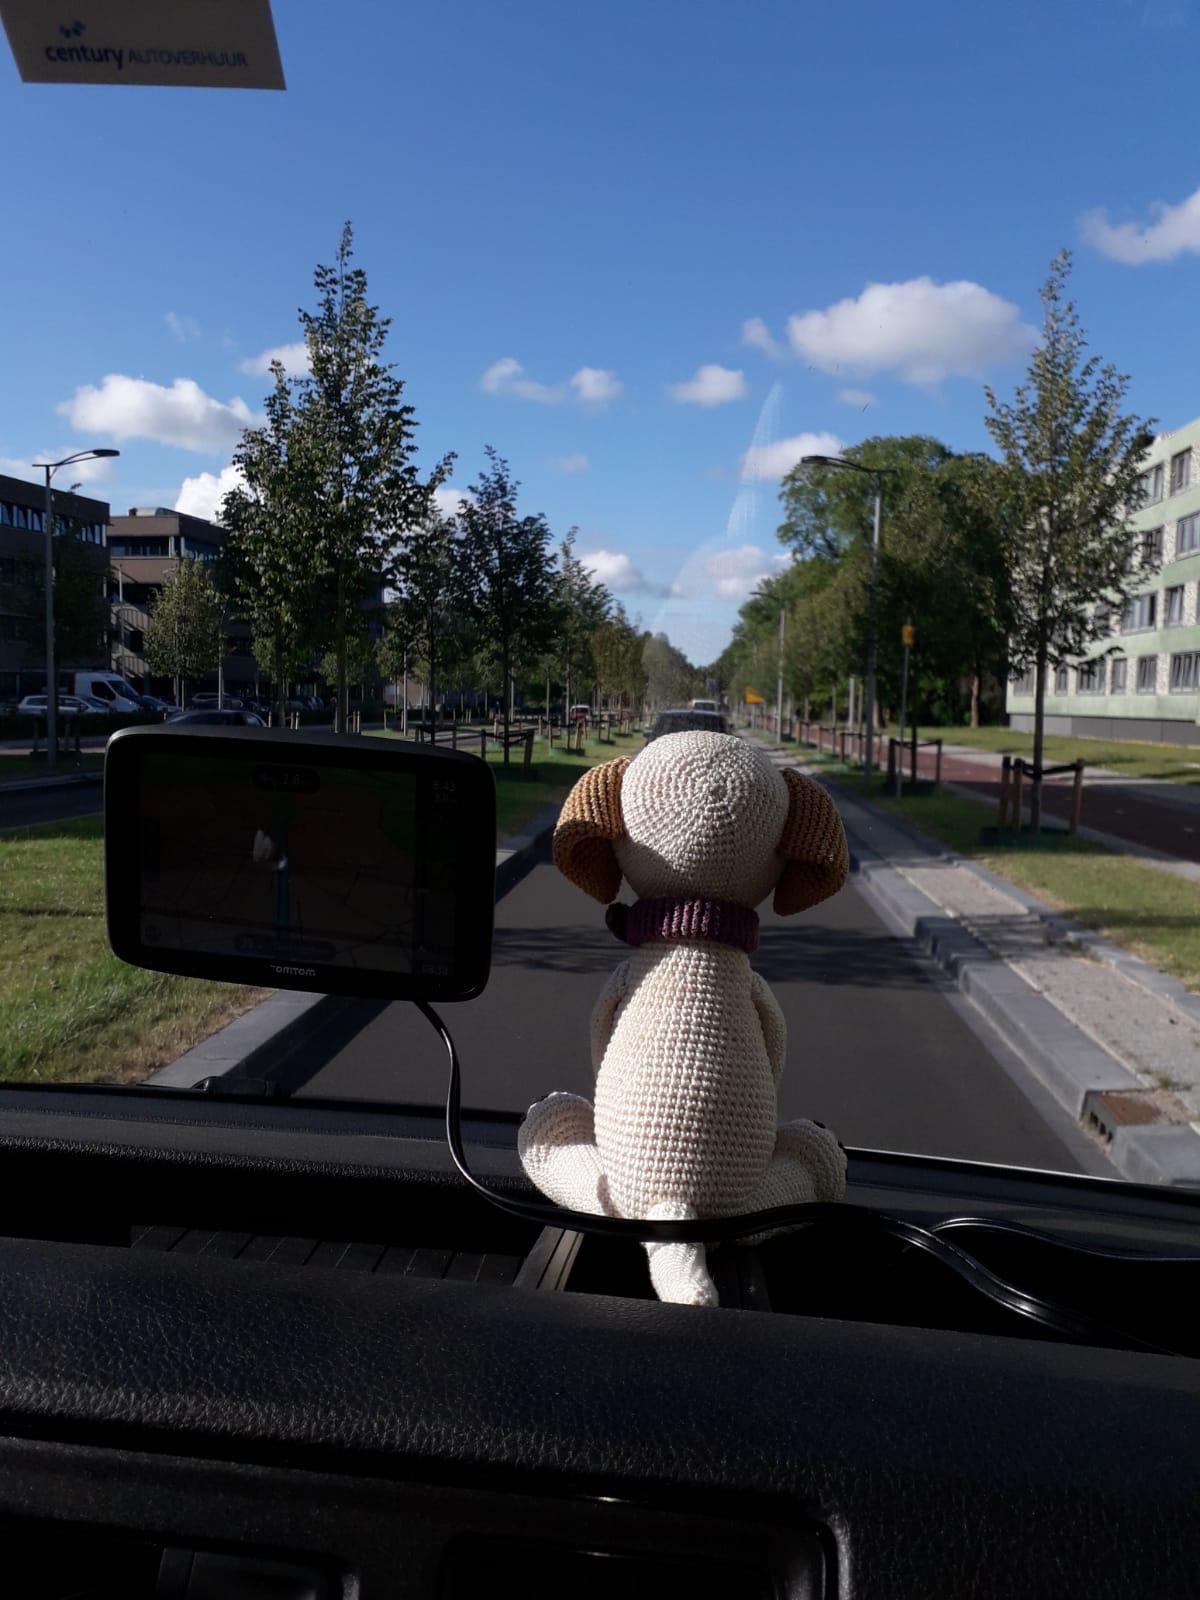 Doppie in de vrachtauto